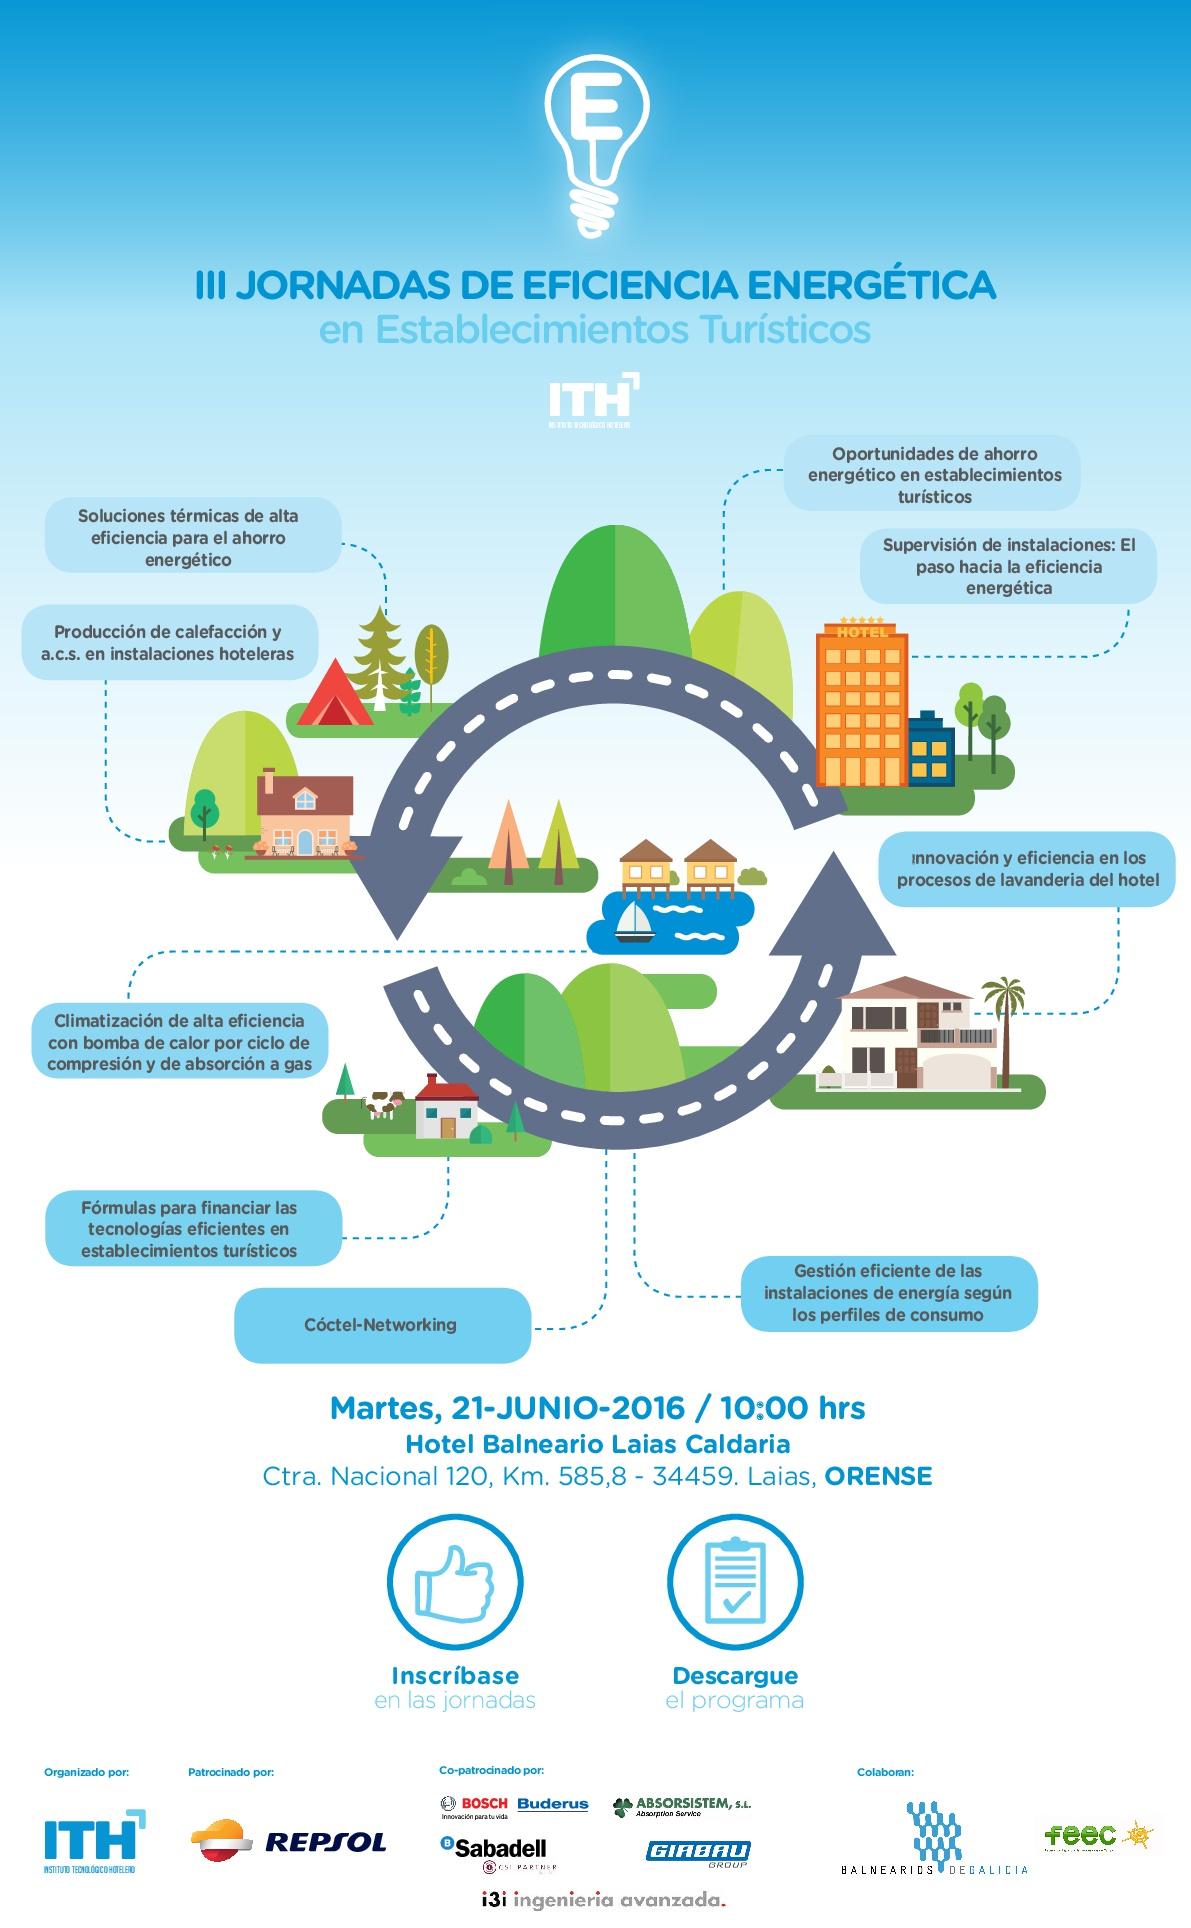 [:es]El ITH celebra una jornada de eficiencia energética para hoteles en OurenseO ITH celebra unha xornada de eficiencia enerxética para hoteles en OurenseThe ITH celebrates a day of energy efficiency in Ourense